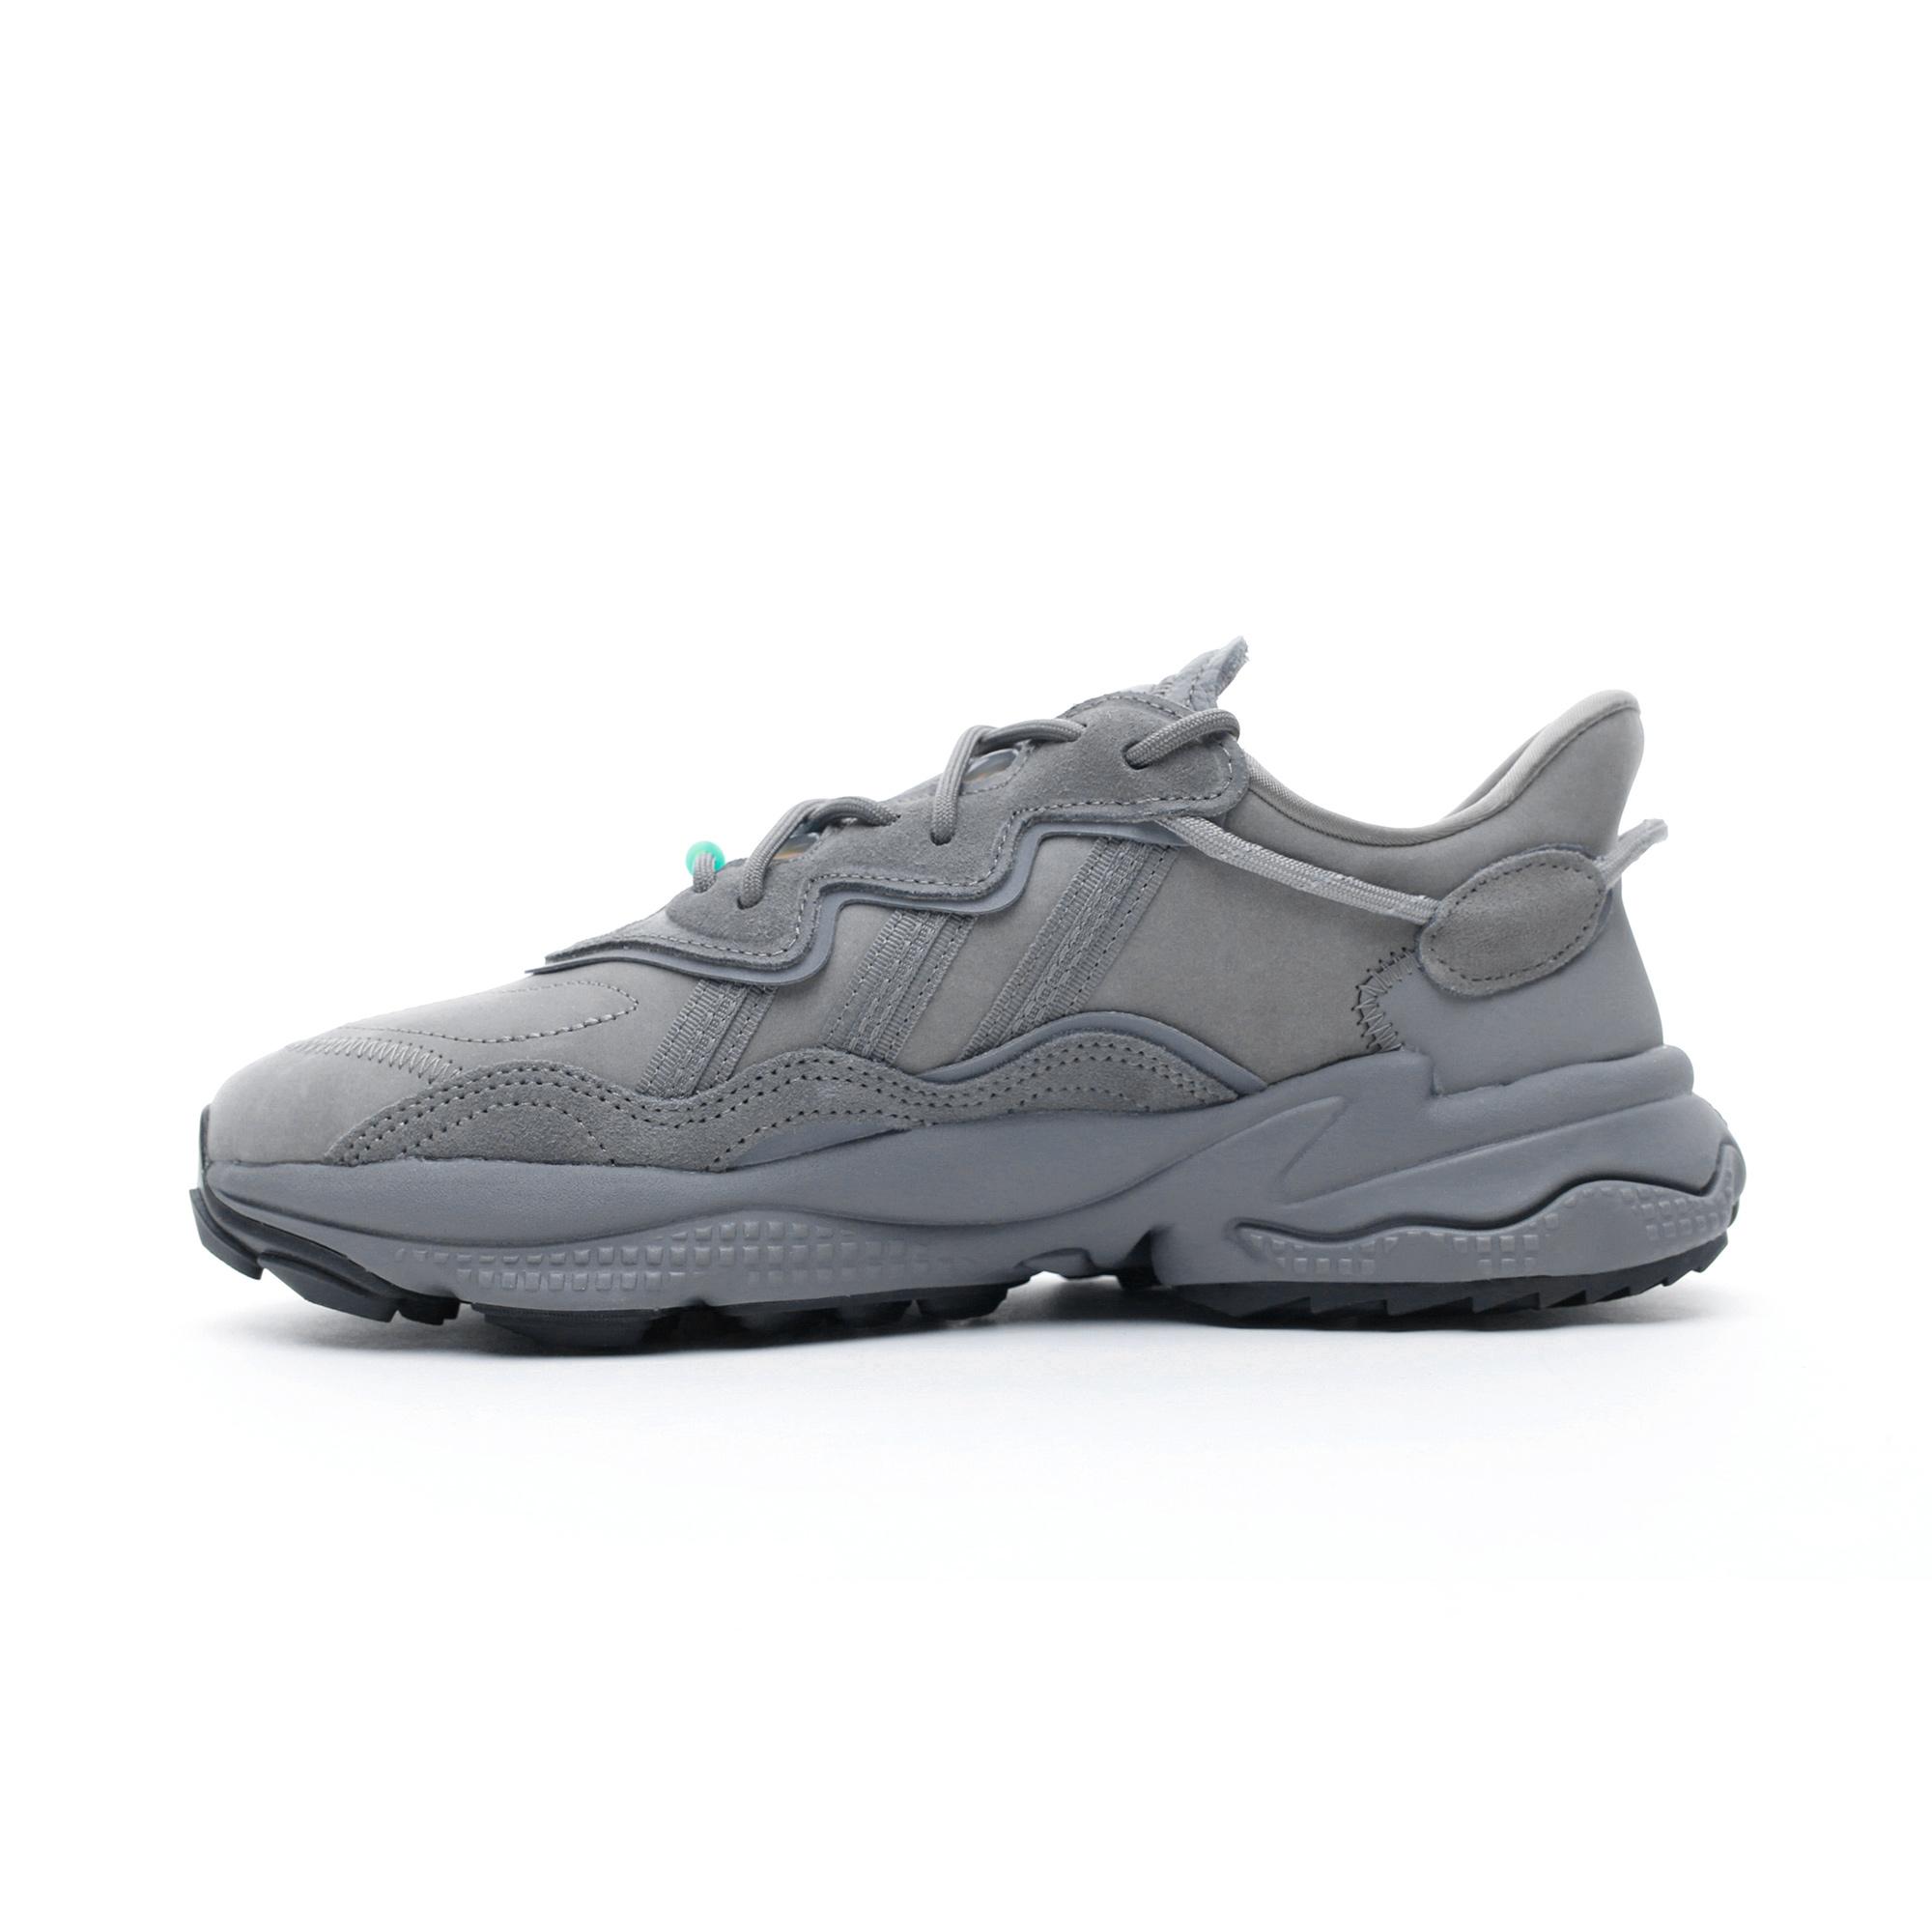 adidas Ozweego TR Erkek Gri Spor Ayakkabı